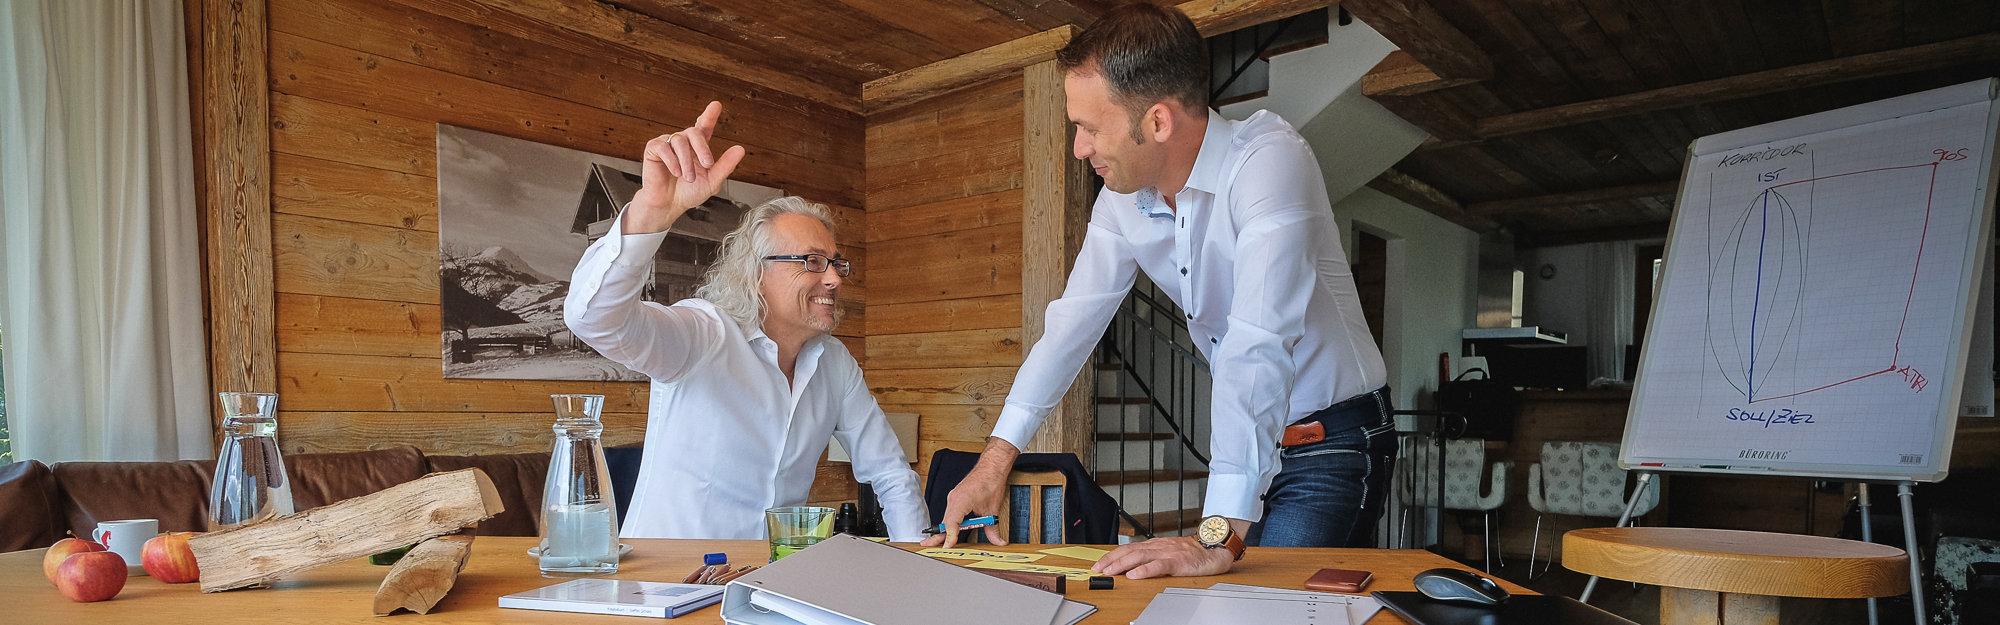 diavendo - Bernhard Patter & Steffen Schock